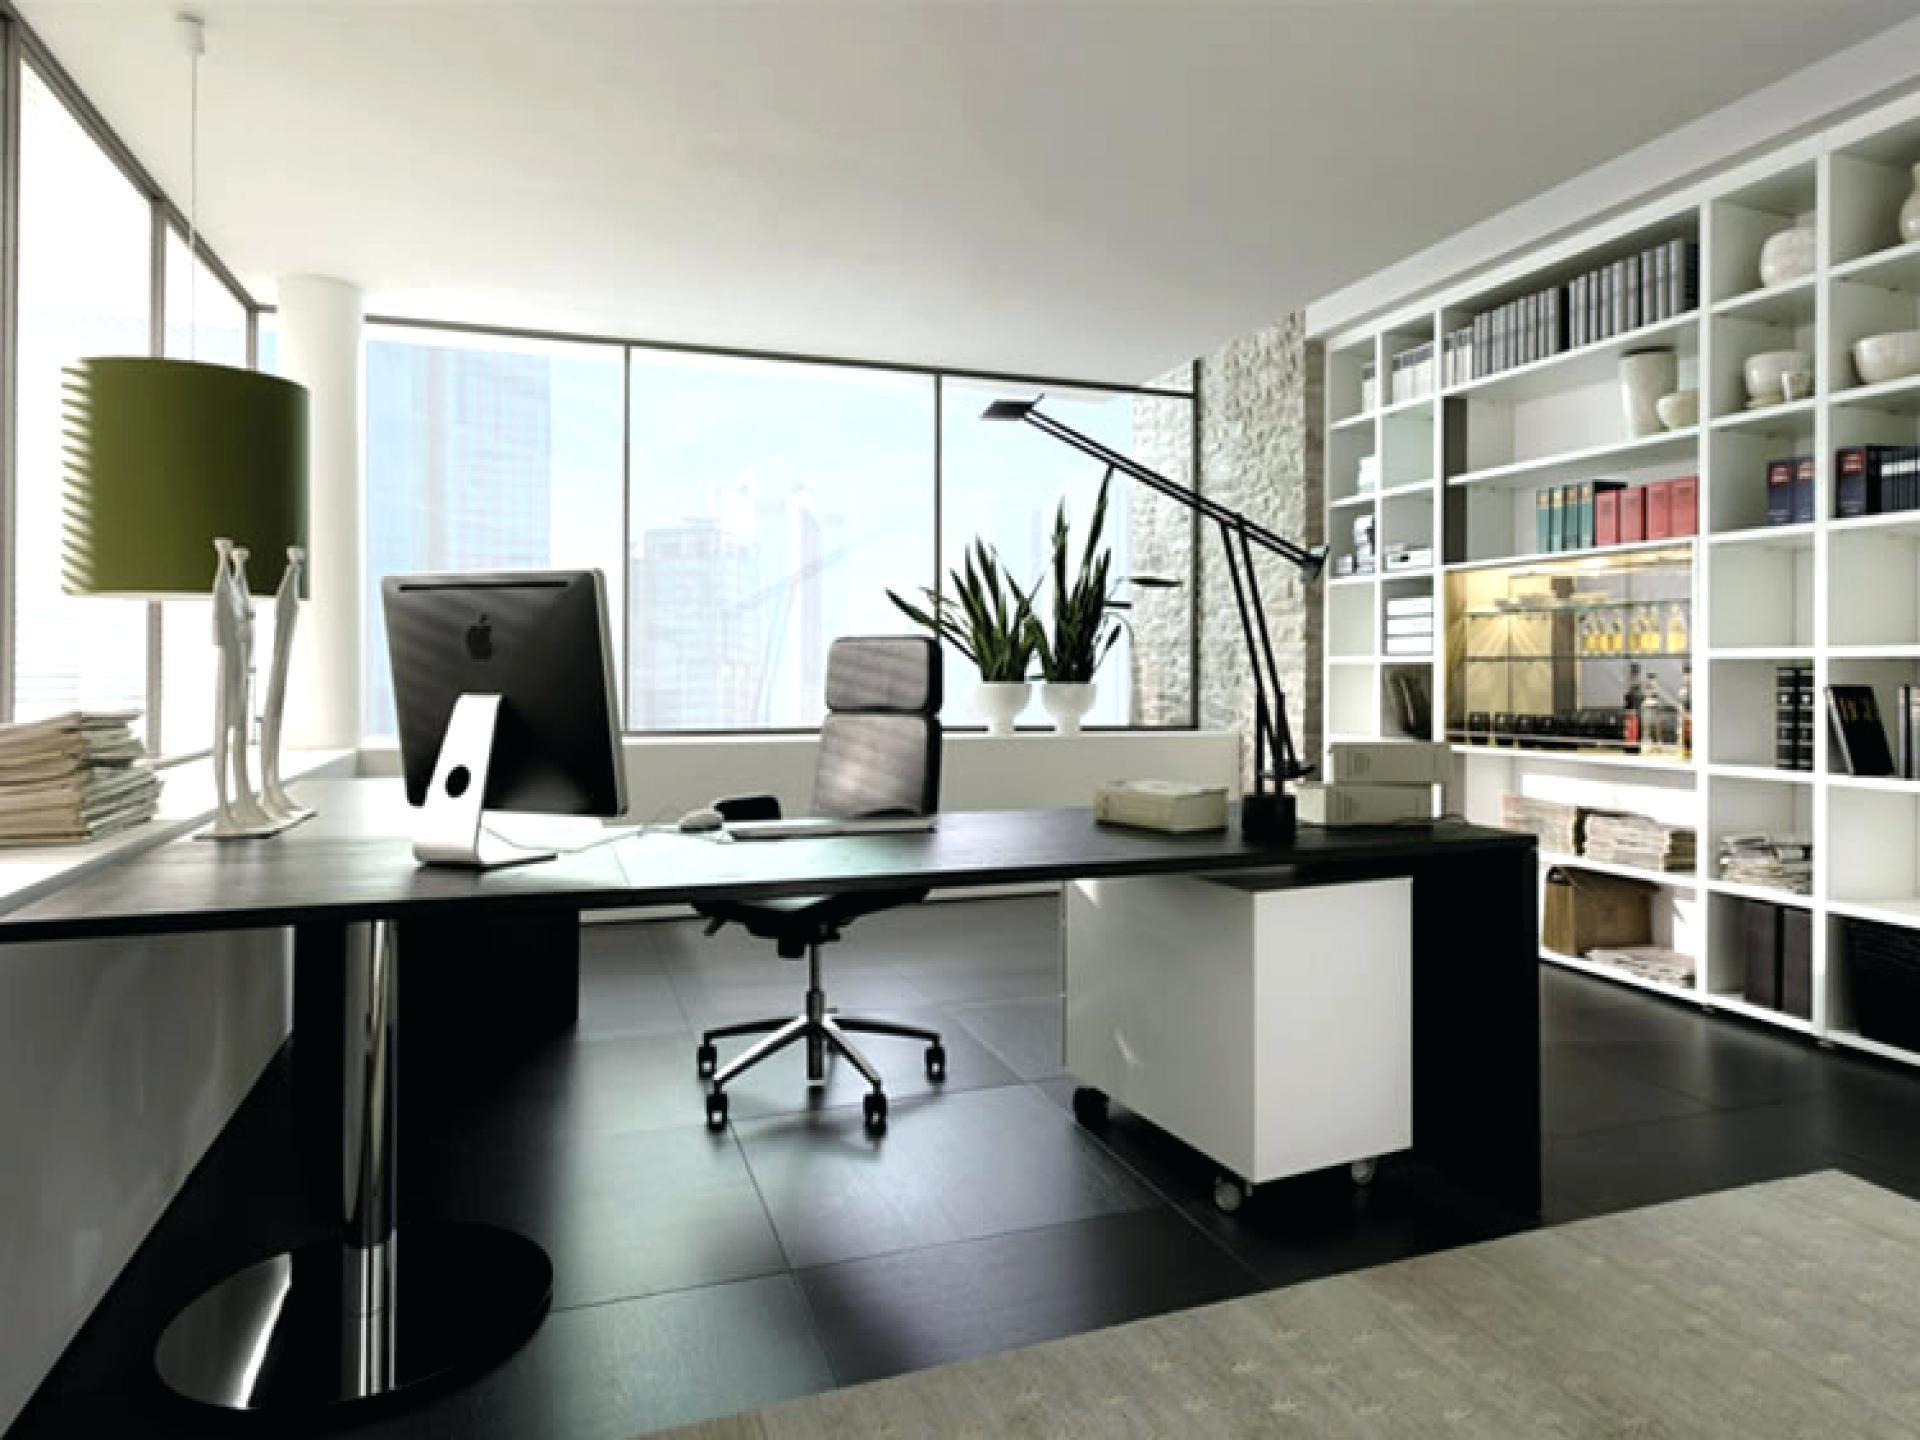 office ınterior design regaling office design minimalist office interior design minimalist home office TERKNYT